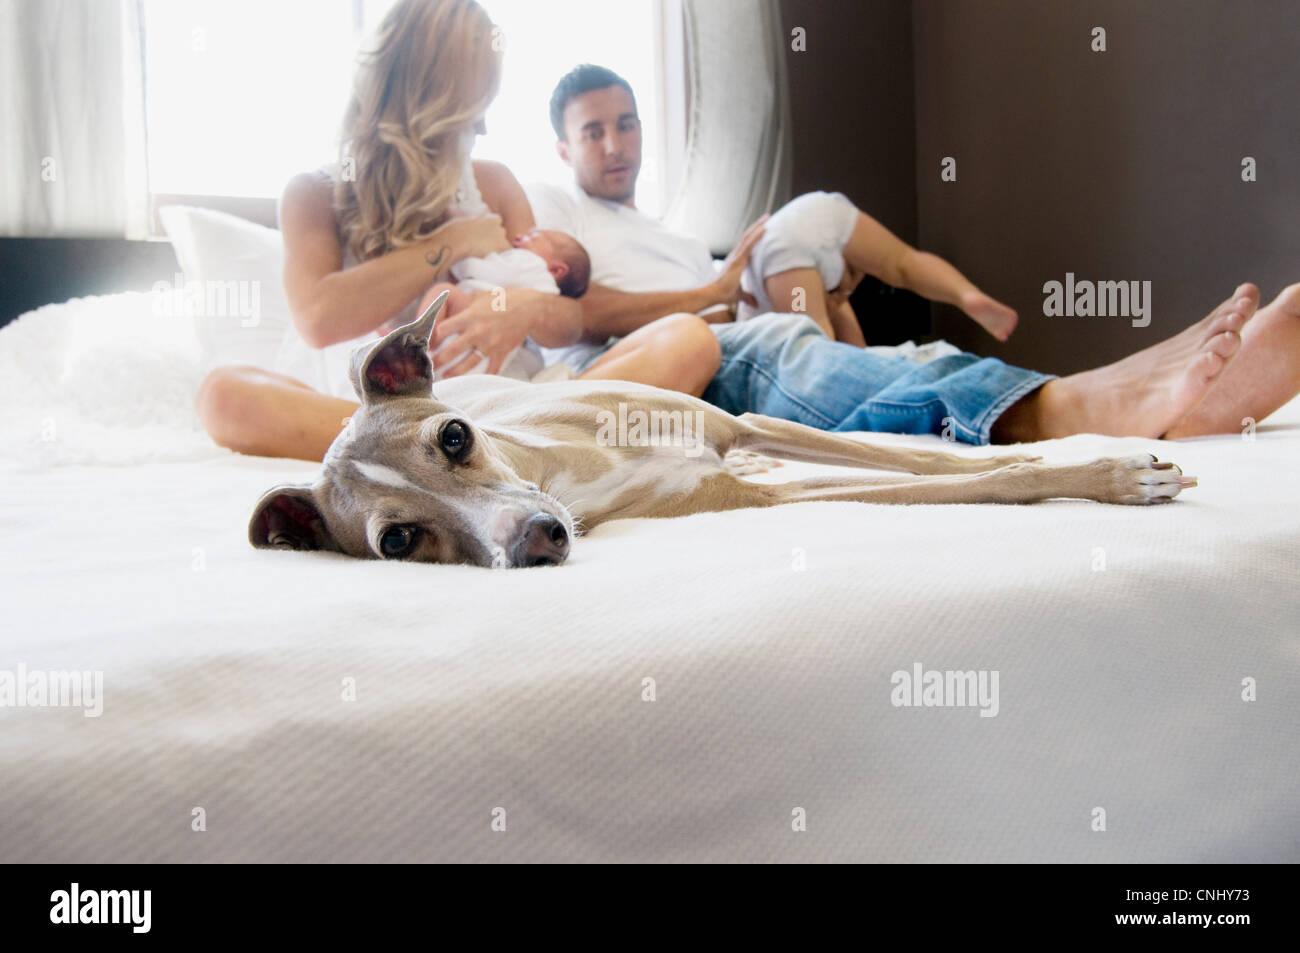 Chien de compagnie et de famille avec couple avec bébé on bed Photo Stock